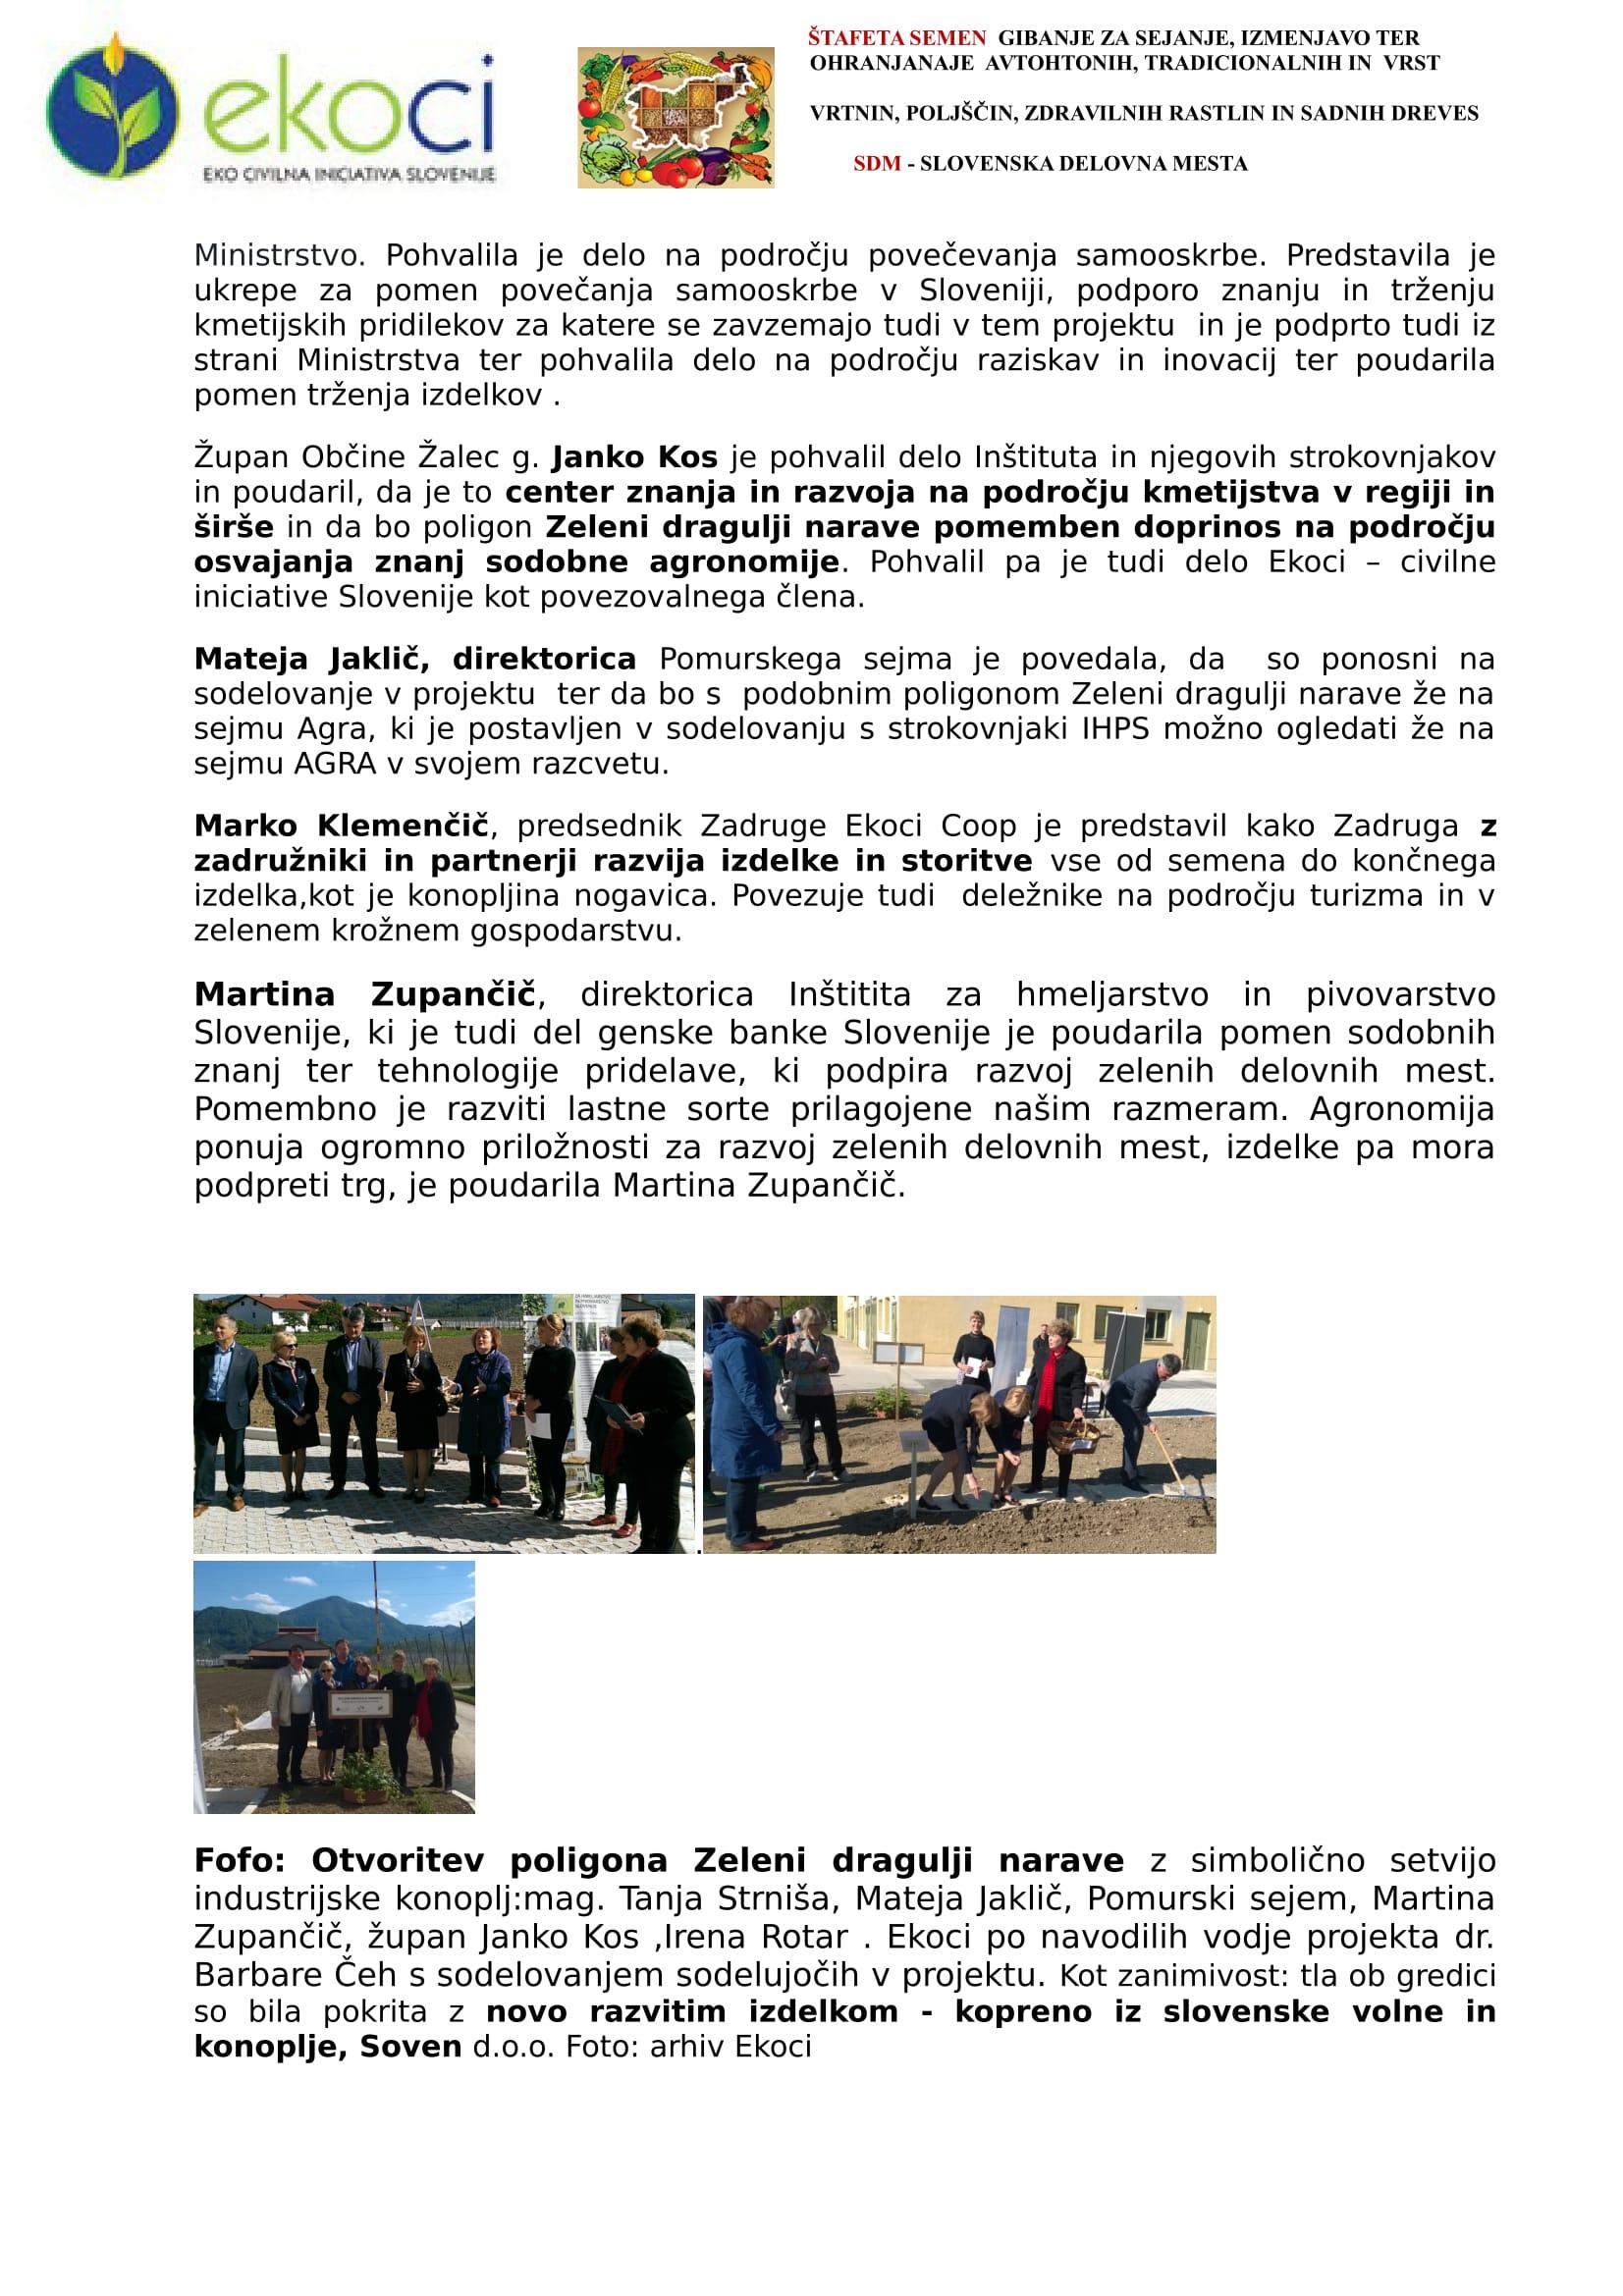 SZJ - OTVORITEV POLIGON ZELENI DRAGULJI NARAVE - V DOLINI ZELENEGA ZLATA-2